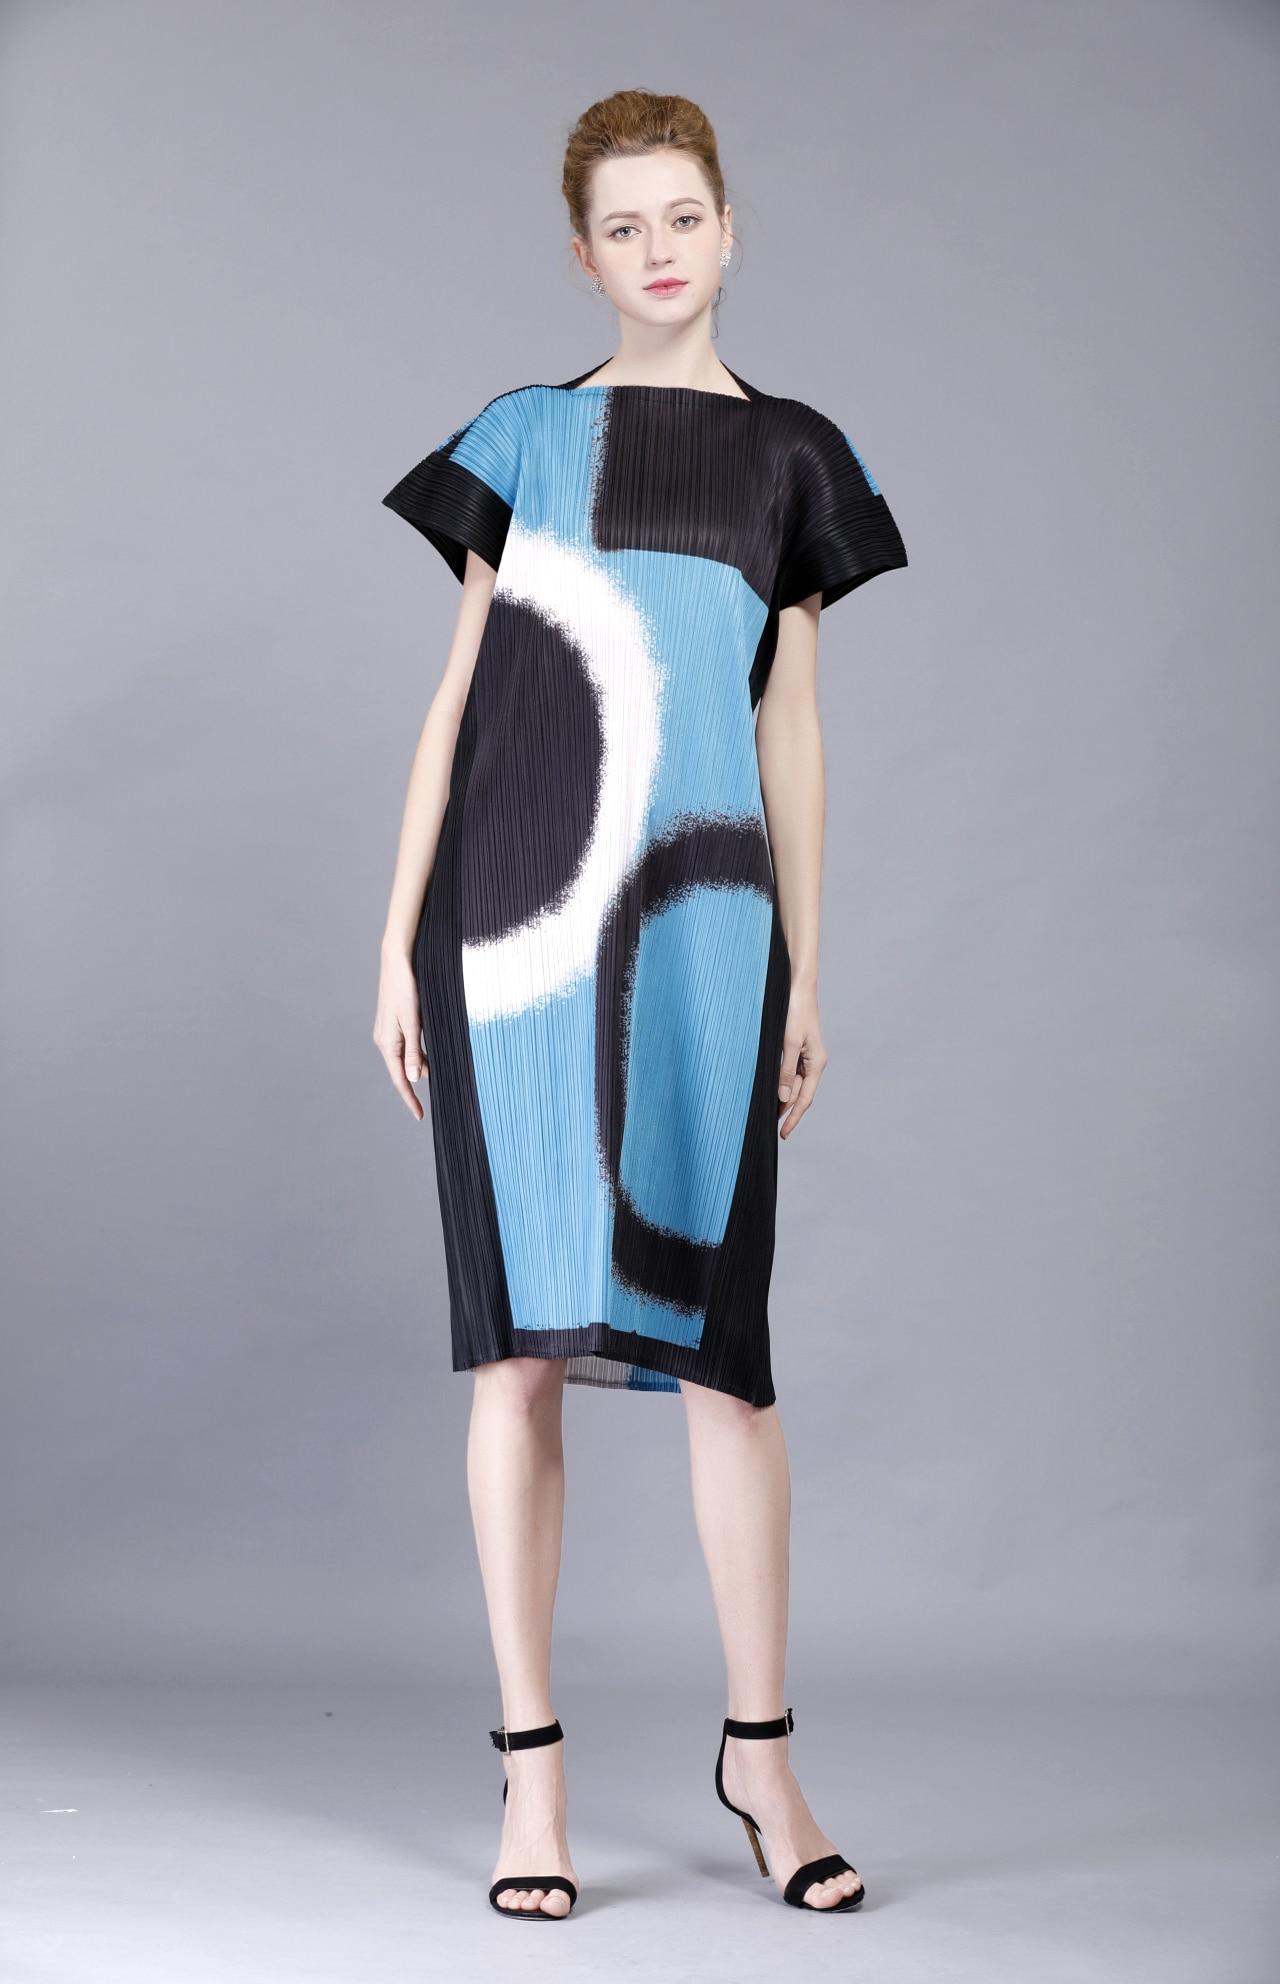 Livraison gratuite mode pli robe rectangle couleur bloc robe plissée lâche une pièce robe en STOCK